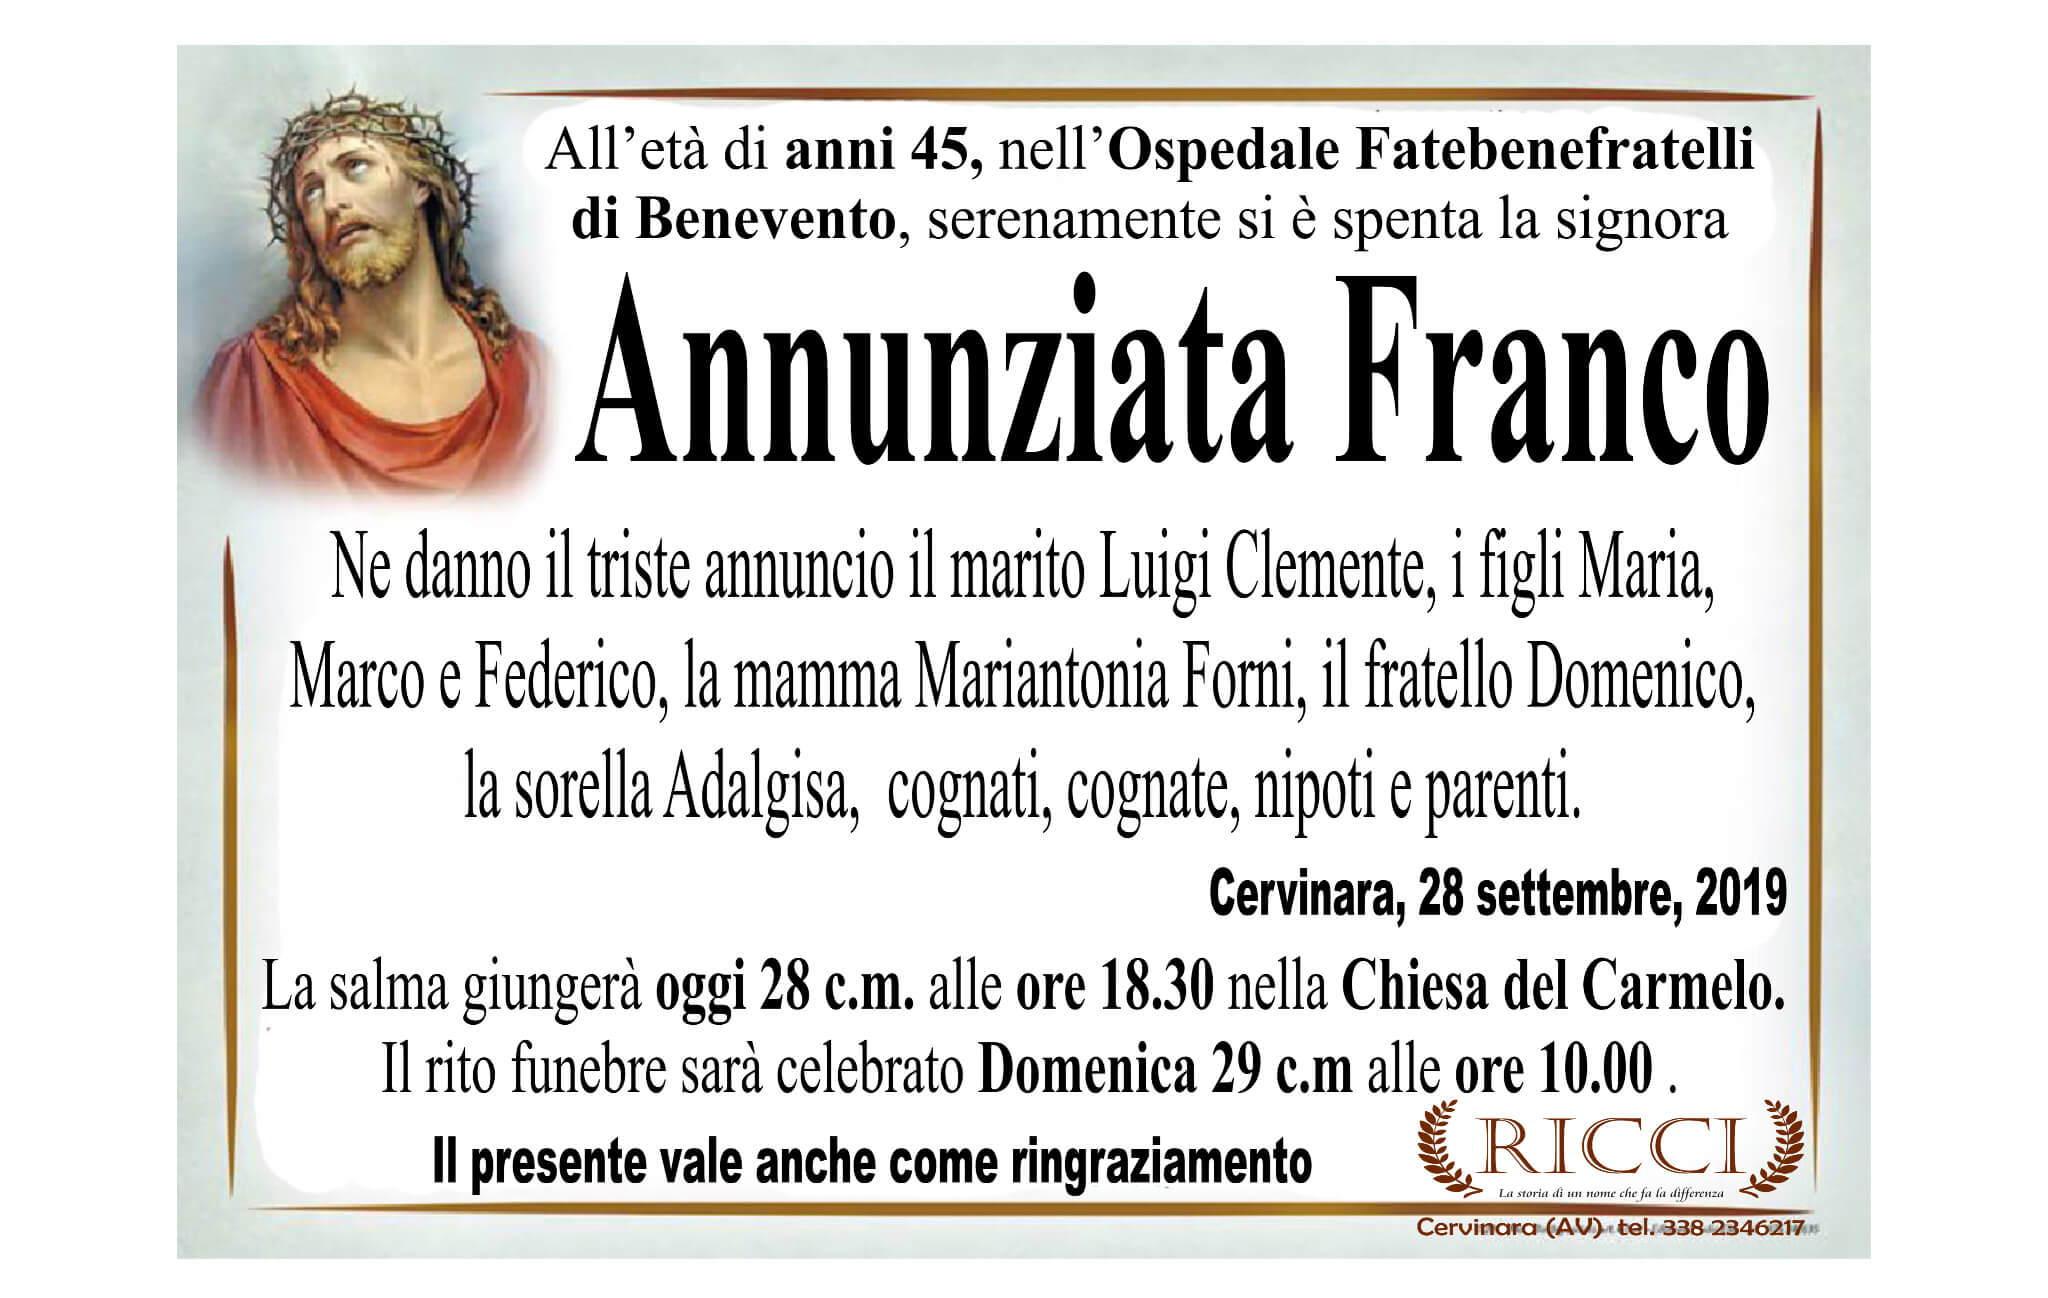 Annunziata Franco